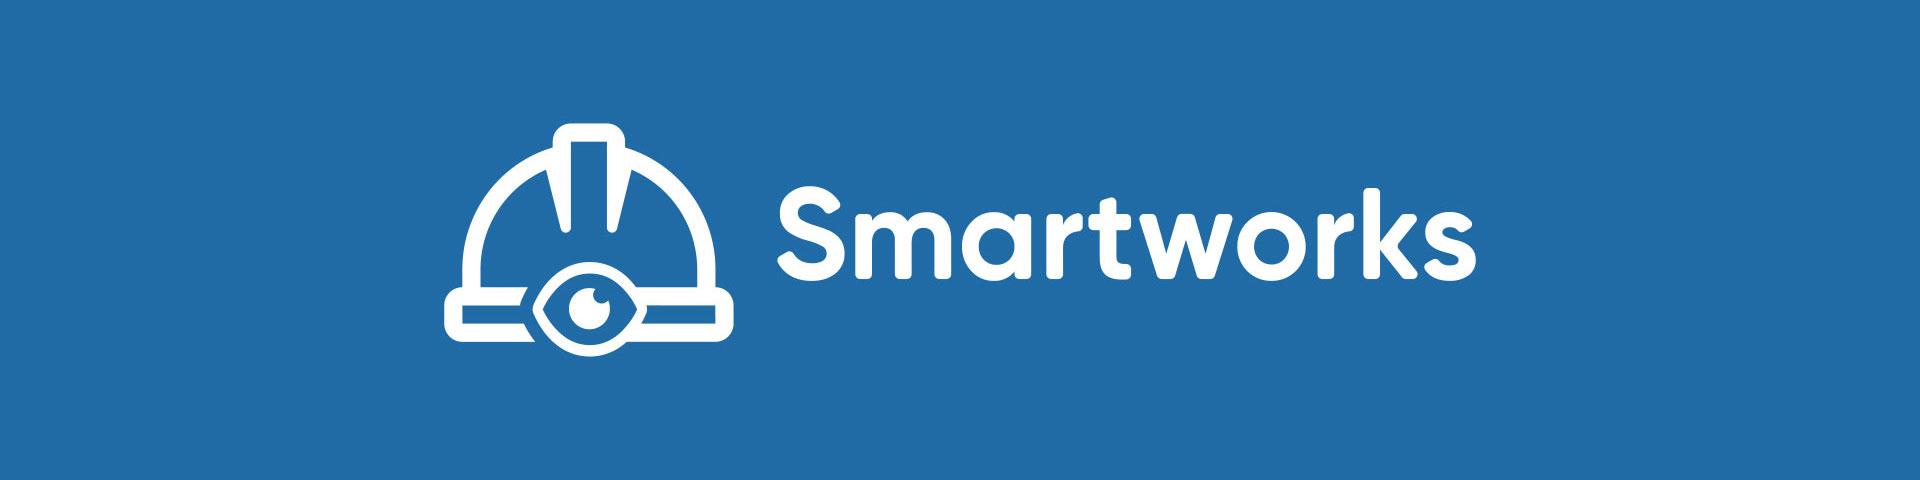 post smartworks 1